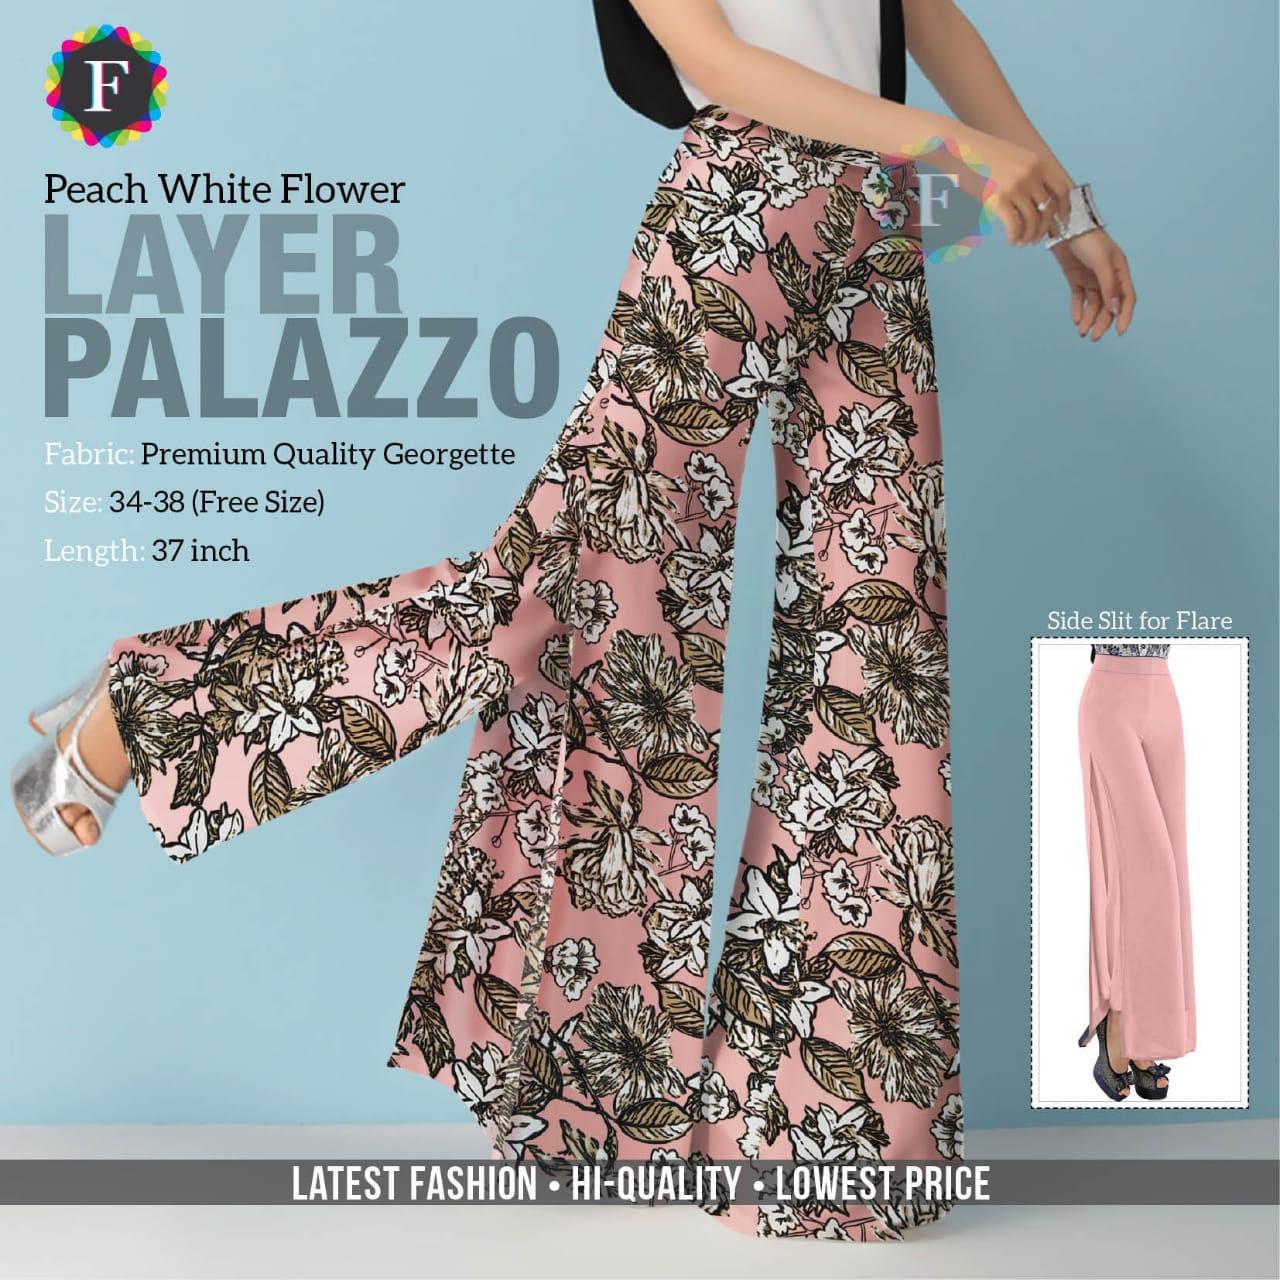 Layered Palazzo Bottom Wear Printed Plazzo Plaint Plazzo Collection